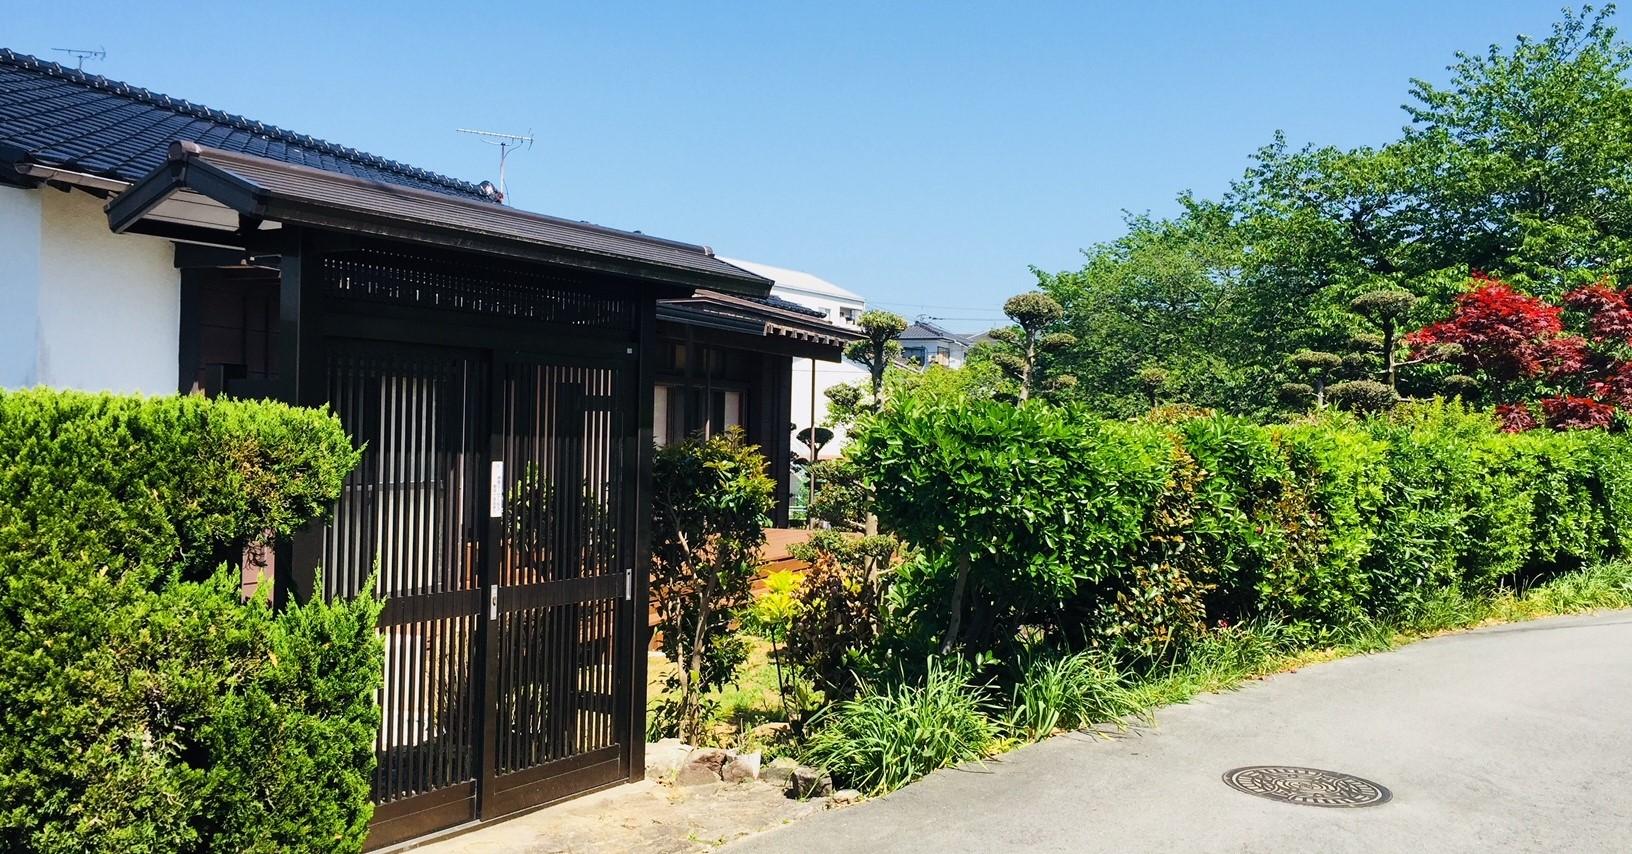 無料で福岡県大牟田市の暮らしを体験☆「おおむた暮らしお試し居住」